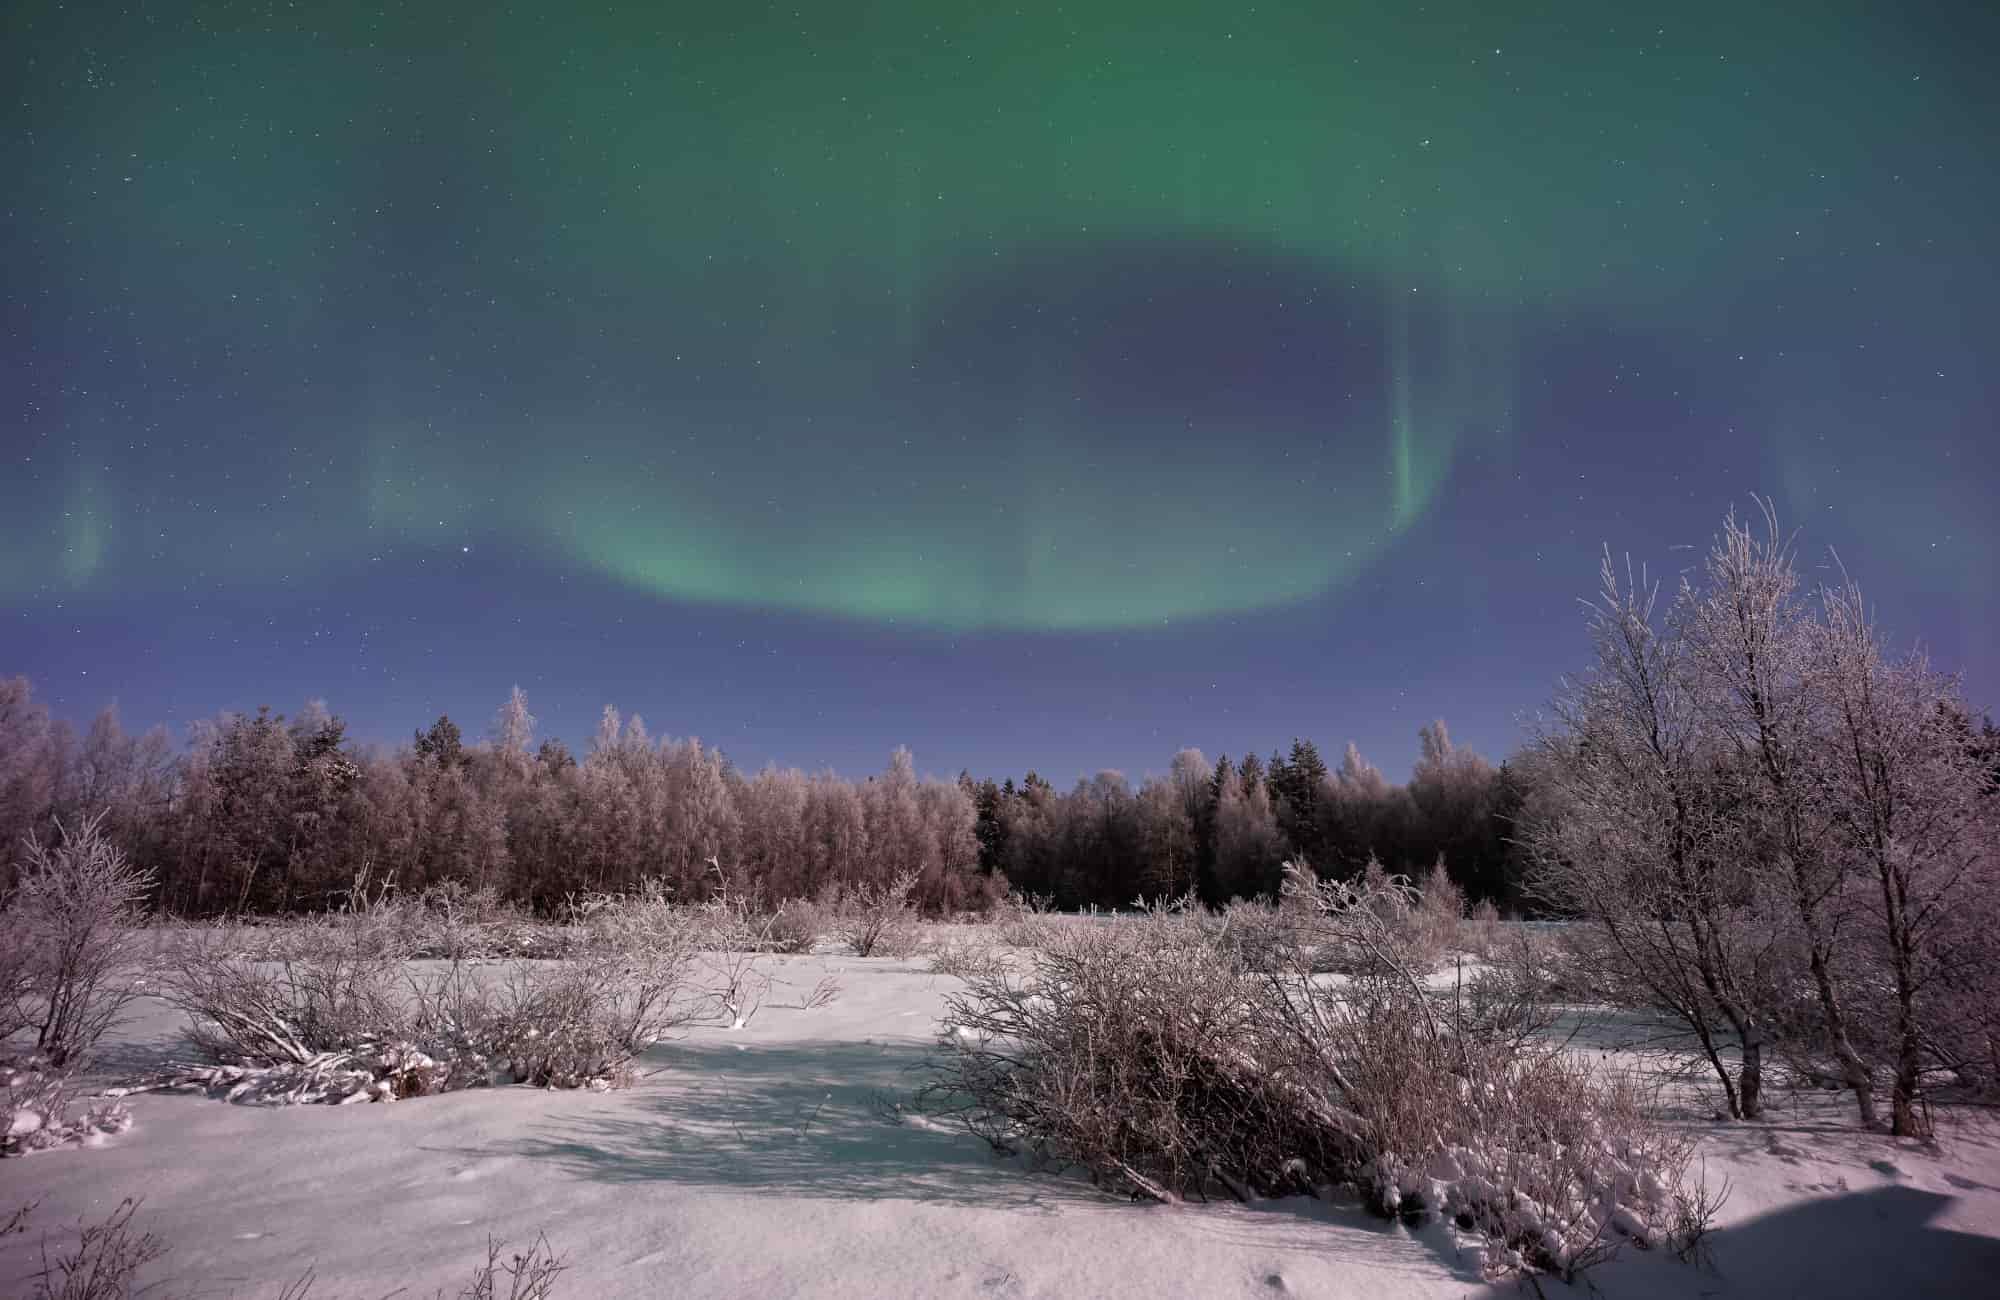 Voyage Laponie - Aurores boréales - Amplitudes